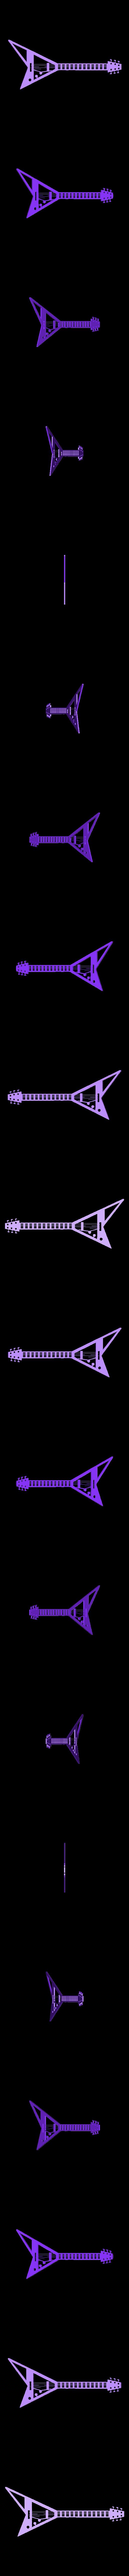 wallEGuitar2.stl Descargar archivo STL Electric Guitar Wall • Diseño para imprimir en 3D, miguelonmex